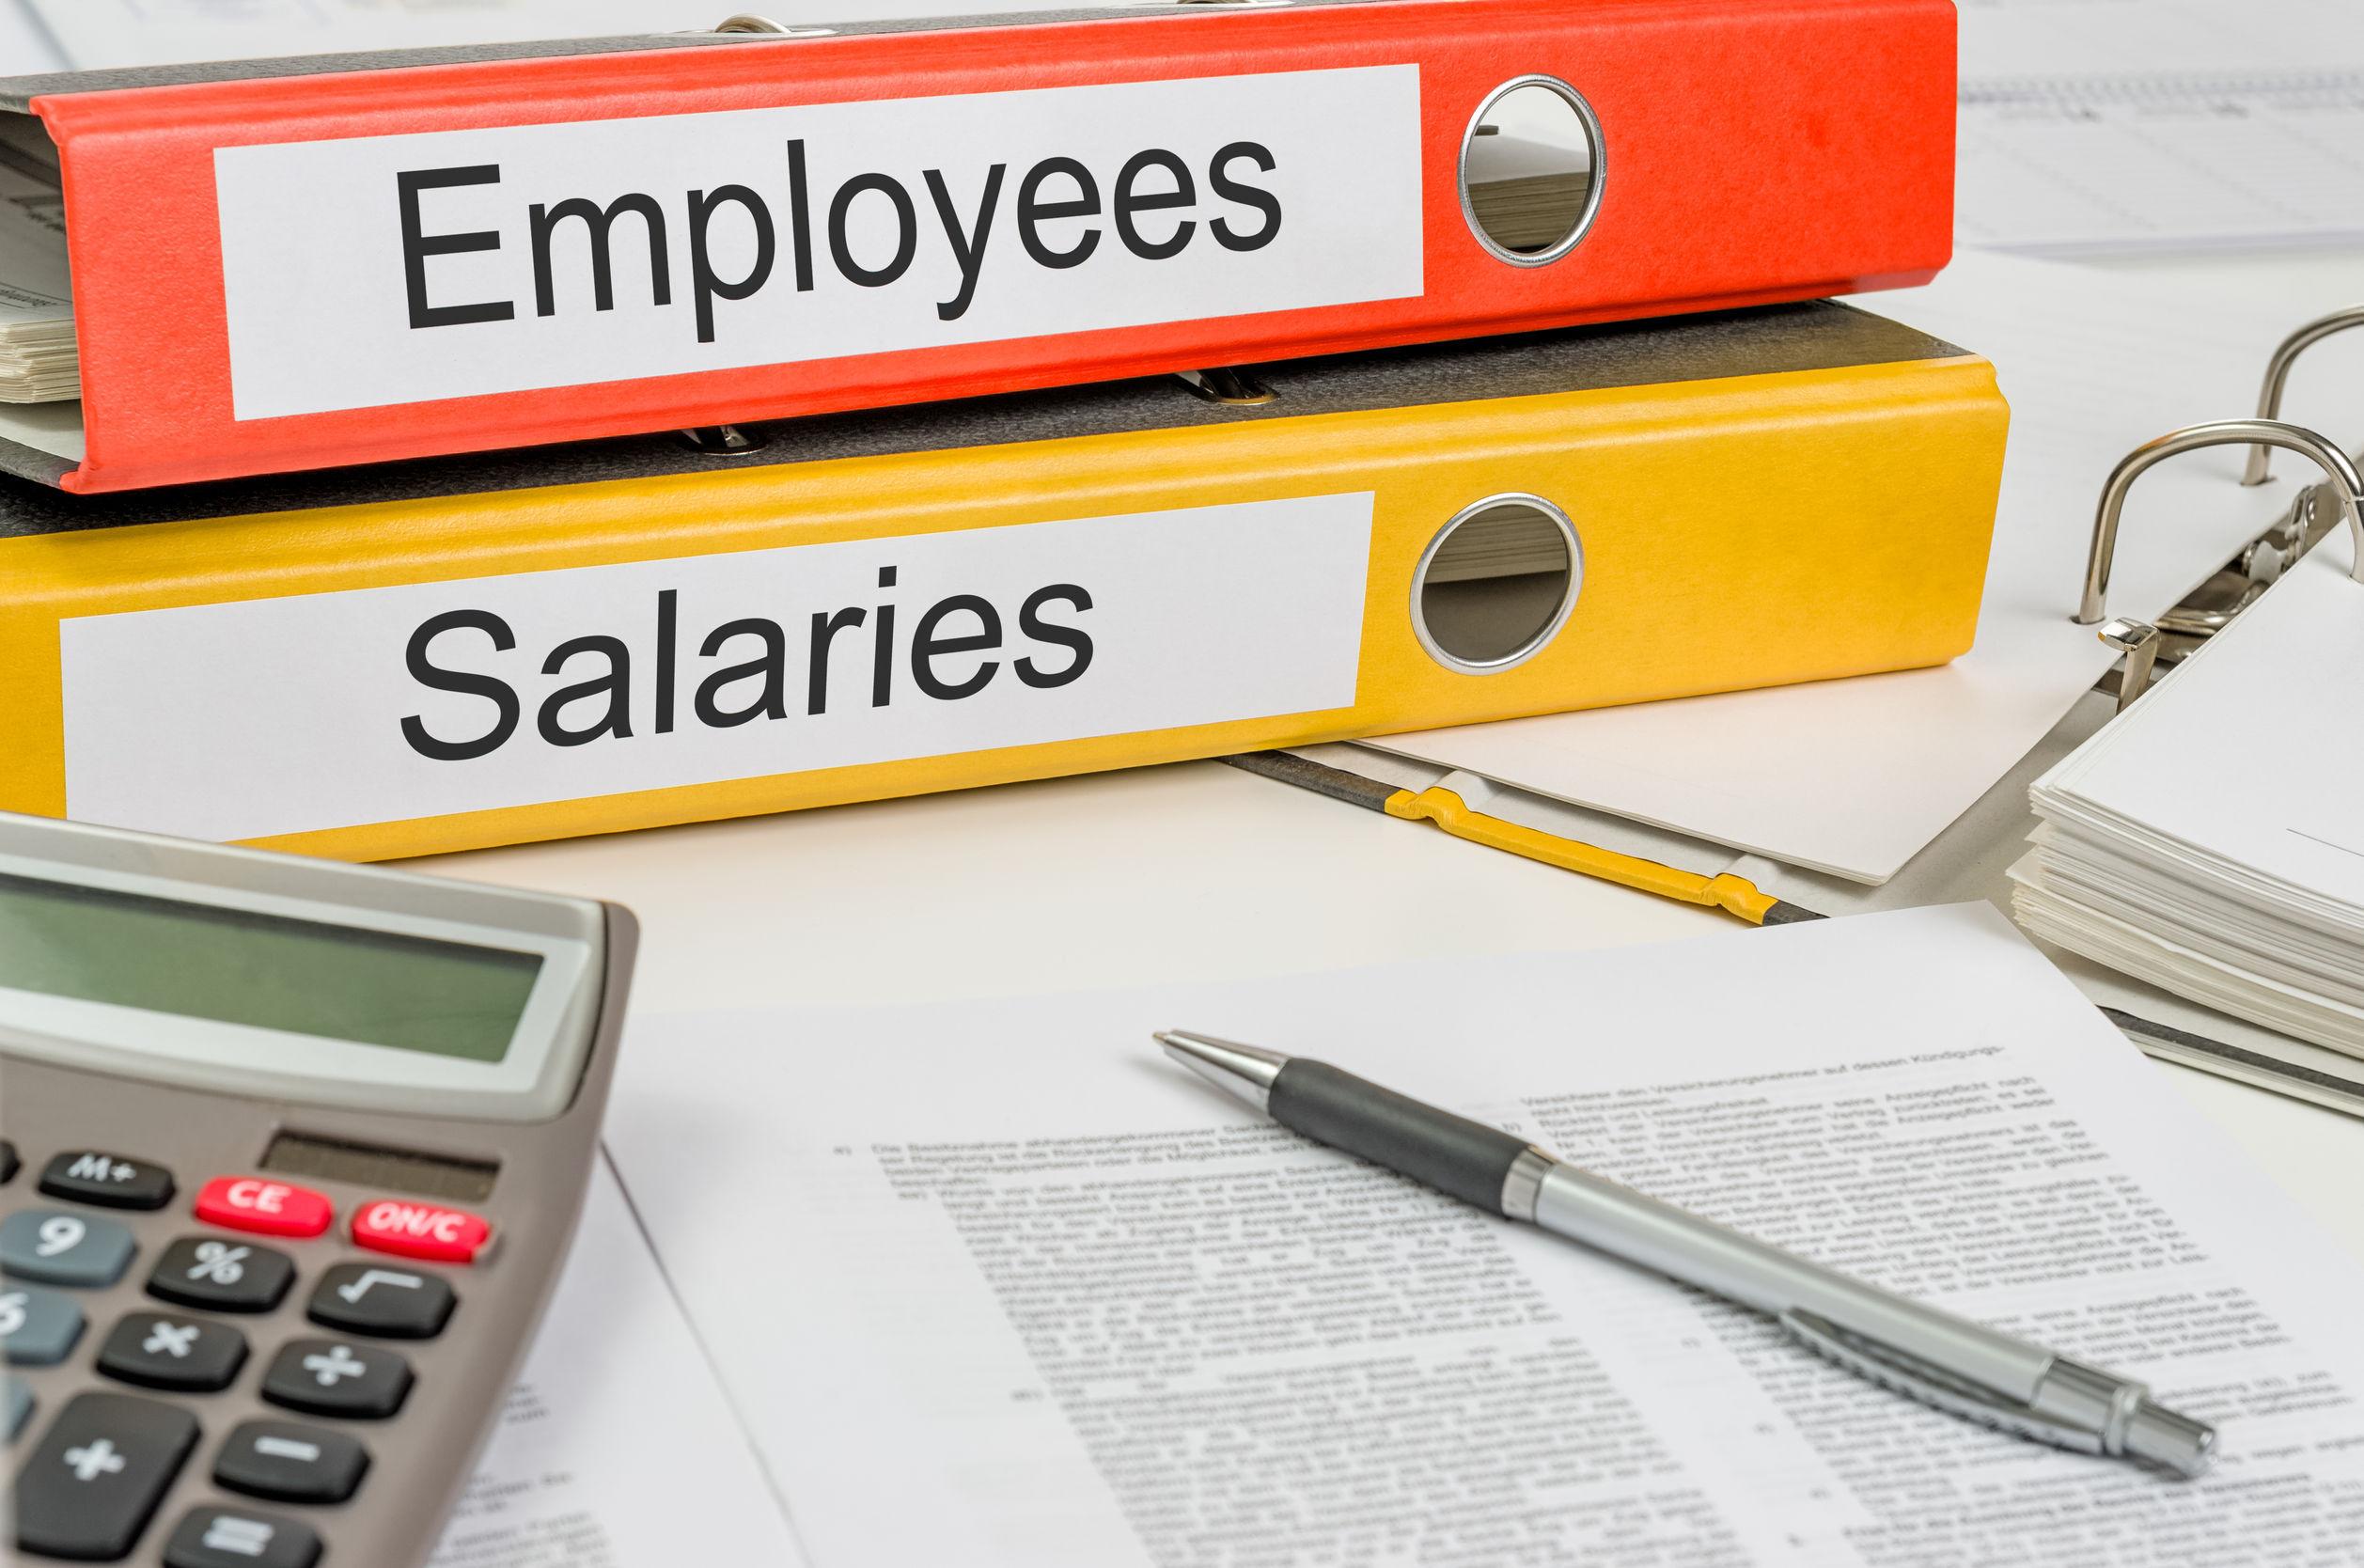 Cum au crescut salariile în ultimul an: Salariile IT-iştilor se stabilizează la 6.000 de lei net, veniturile medicilor au crescut cu 36% pe an, iar profesorii rămân singurii bugetari cu salarii mai mici decât media